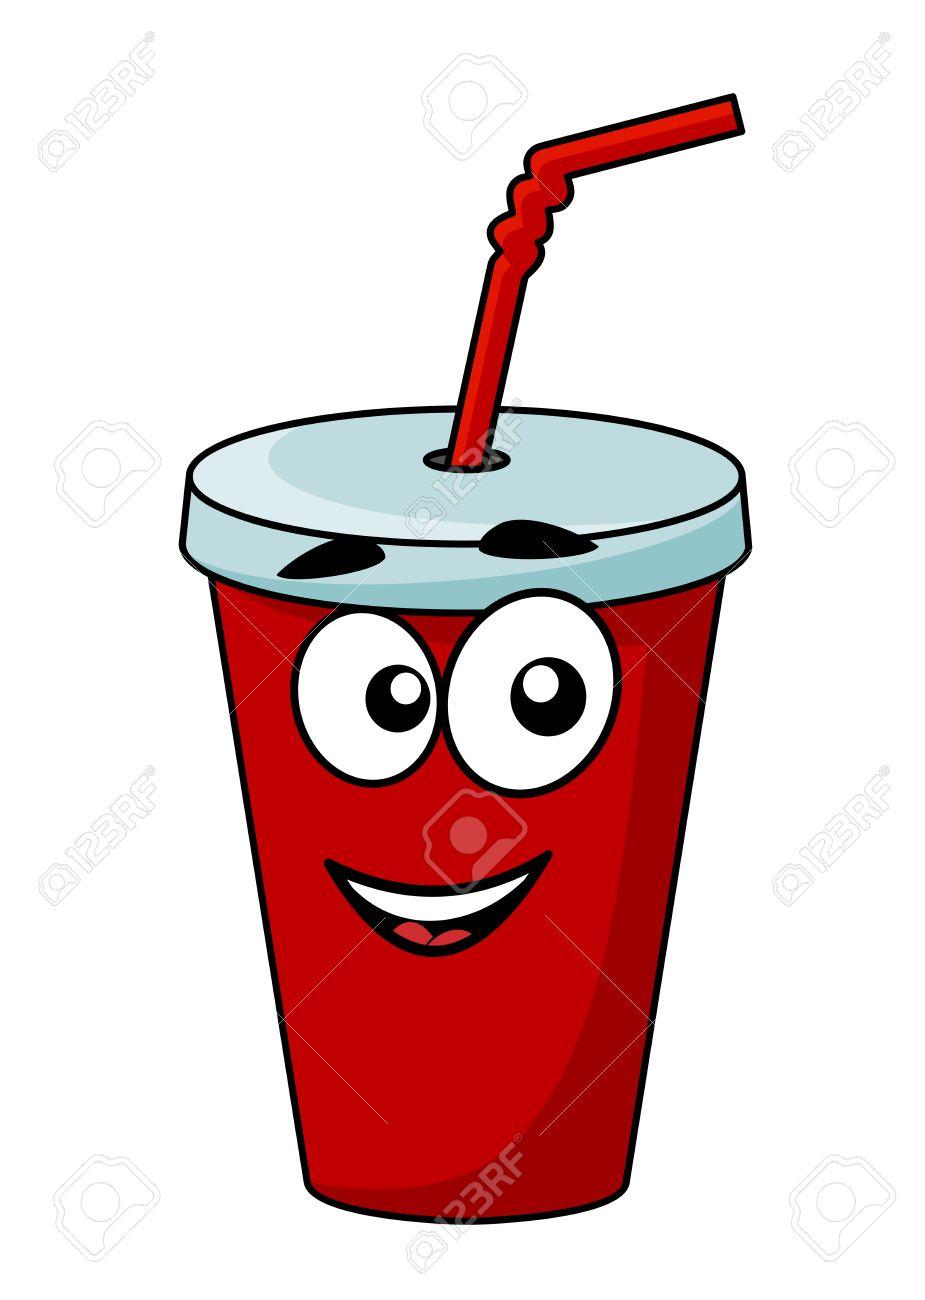 cartoon emporter soda dans un verre recouvert d une paille avec un rh fr 123rf com